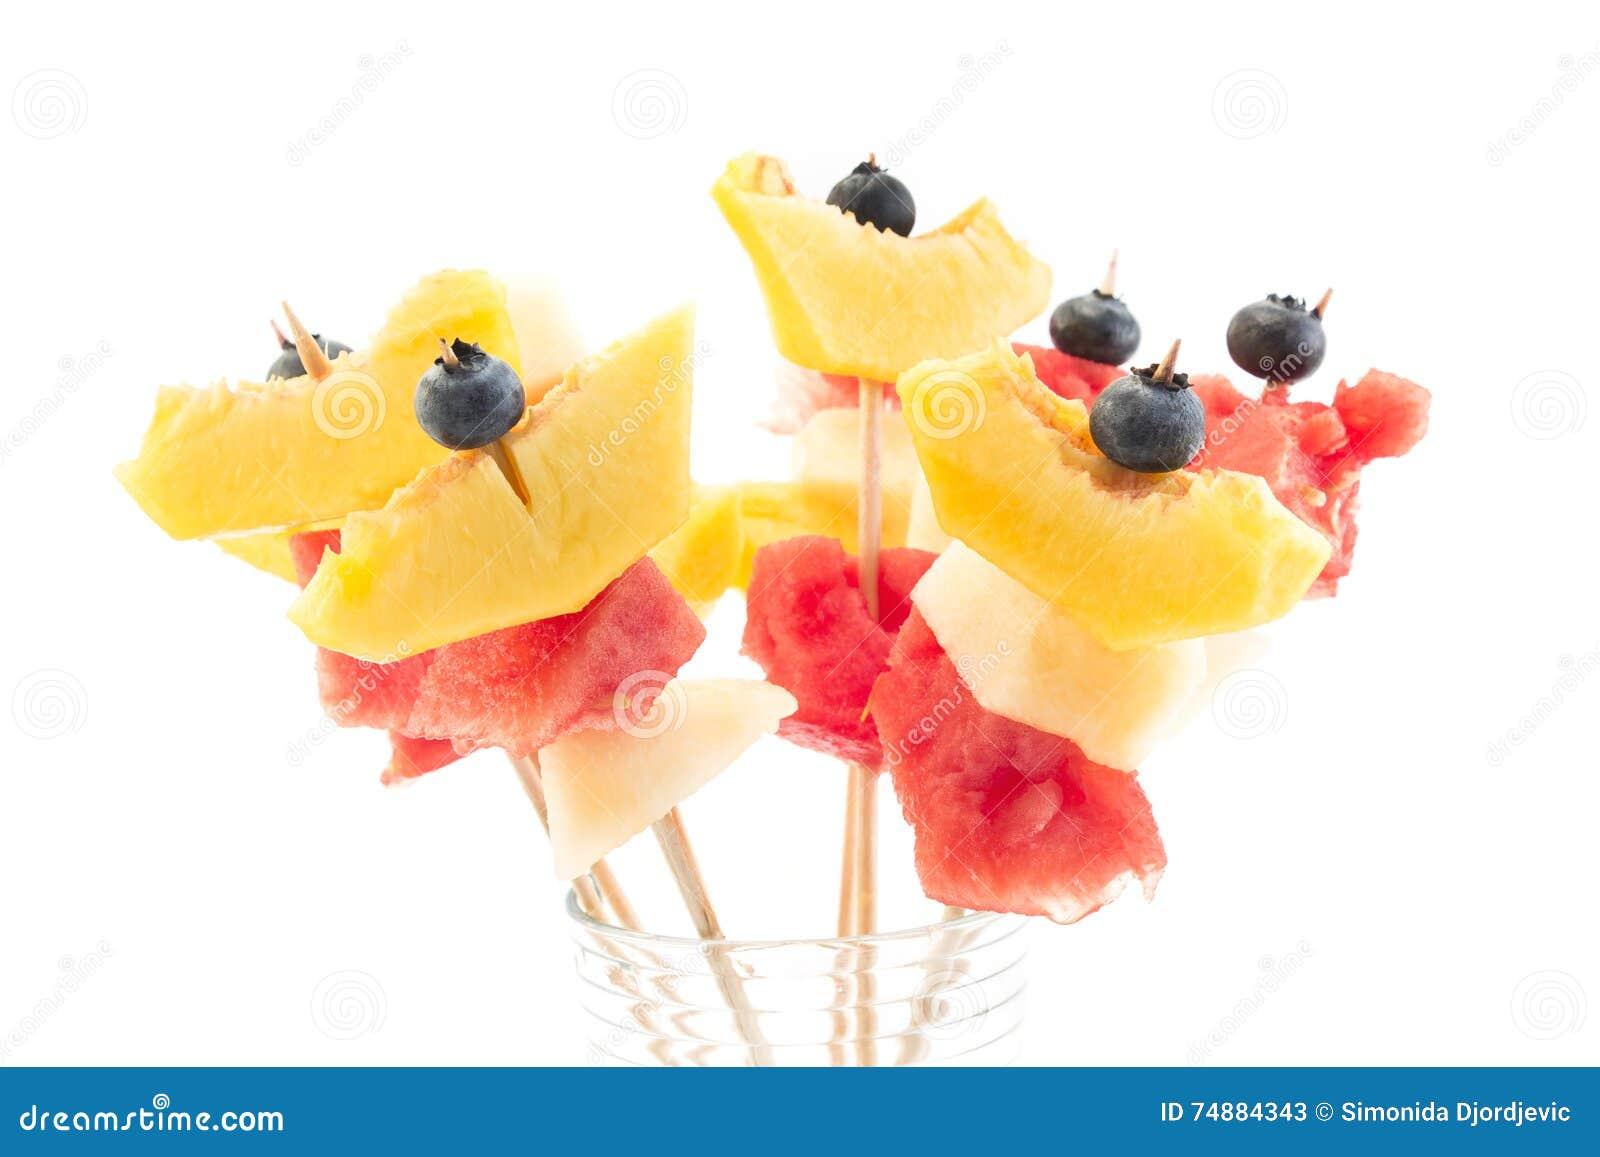 Spiedi di rinfresco della frutta - spuntino della frutta